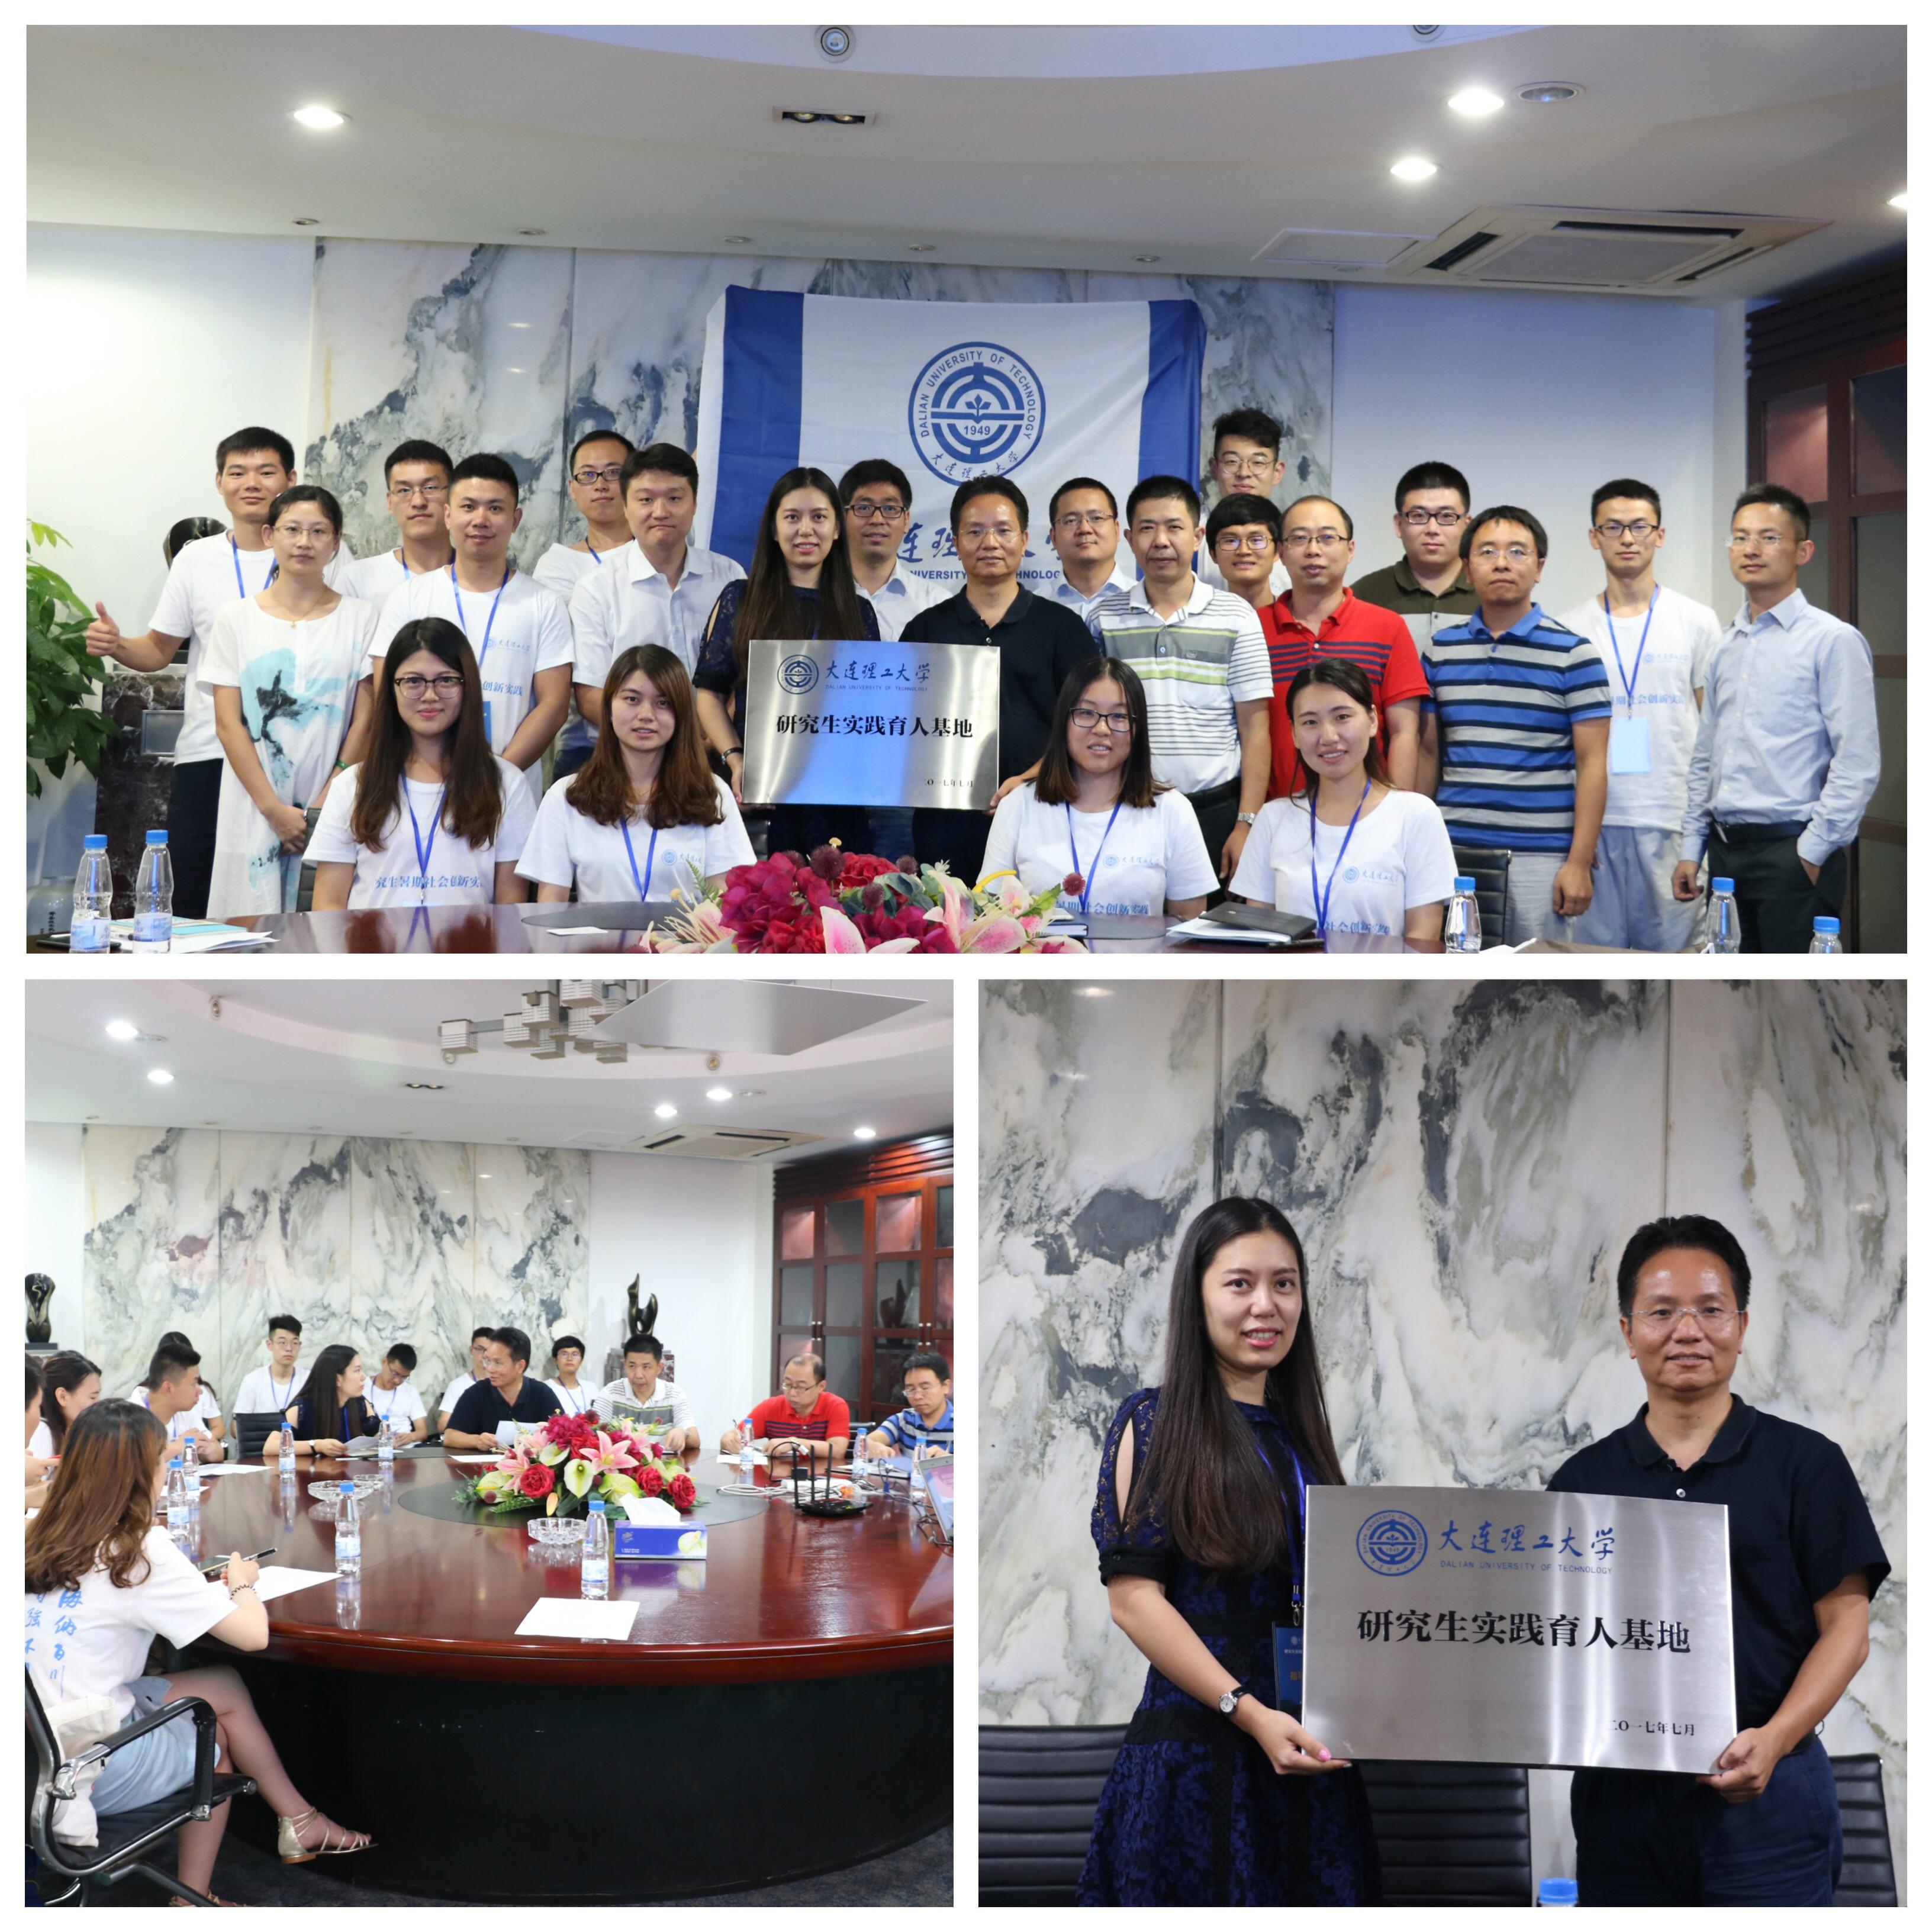 企业行万路,实践出真知-学部研究生赴广东省土木水利企业暑期创新社会